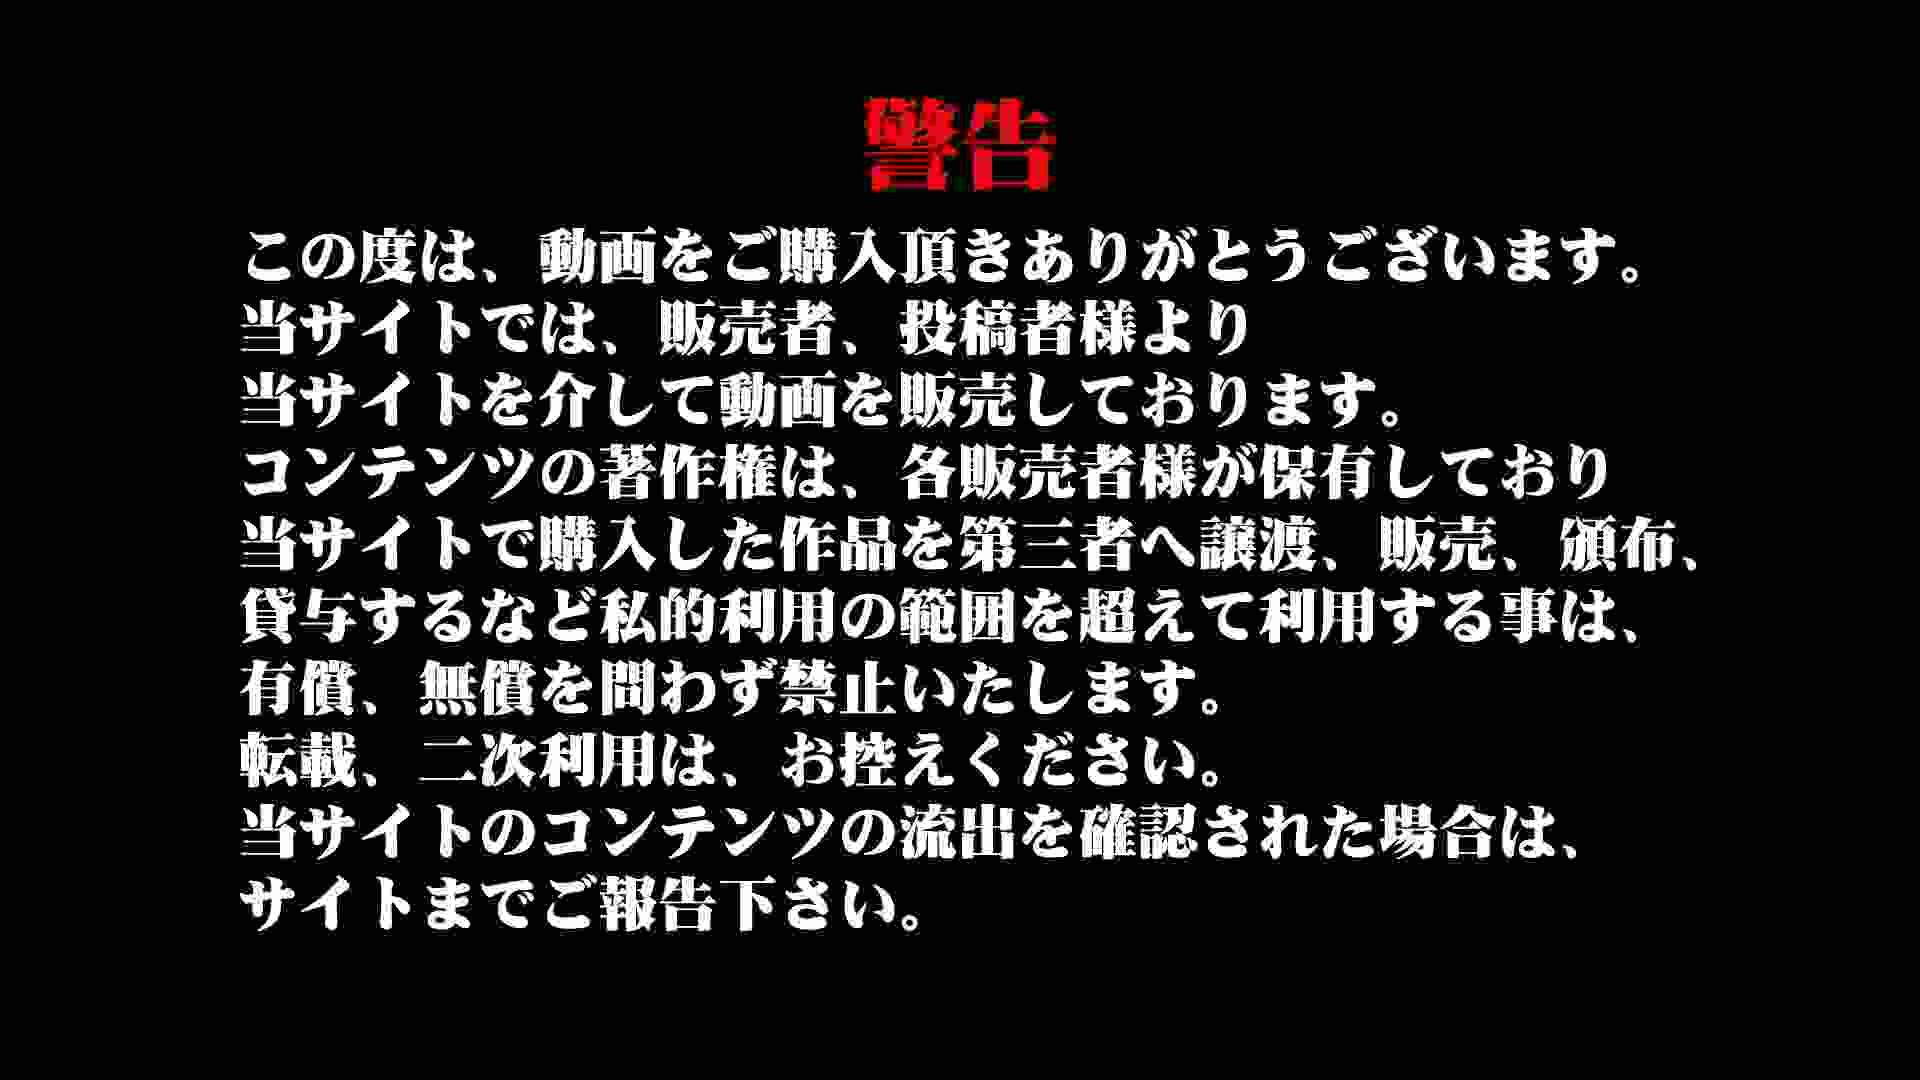 Aquaな露天風呂Vol.963 盗撮シリーズ  108PIX 6